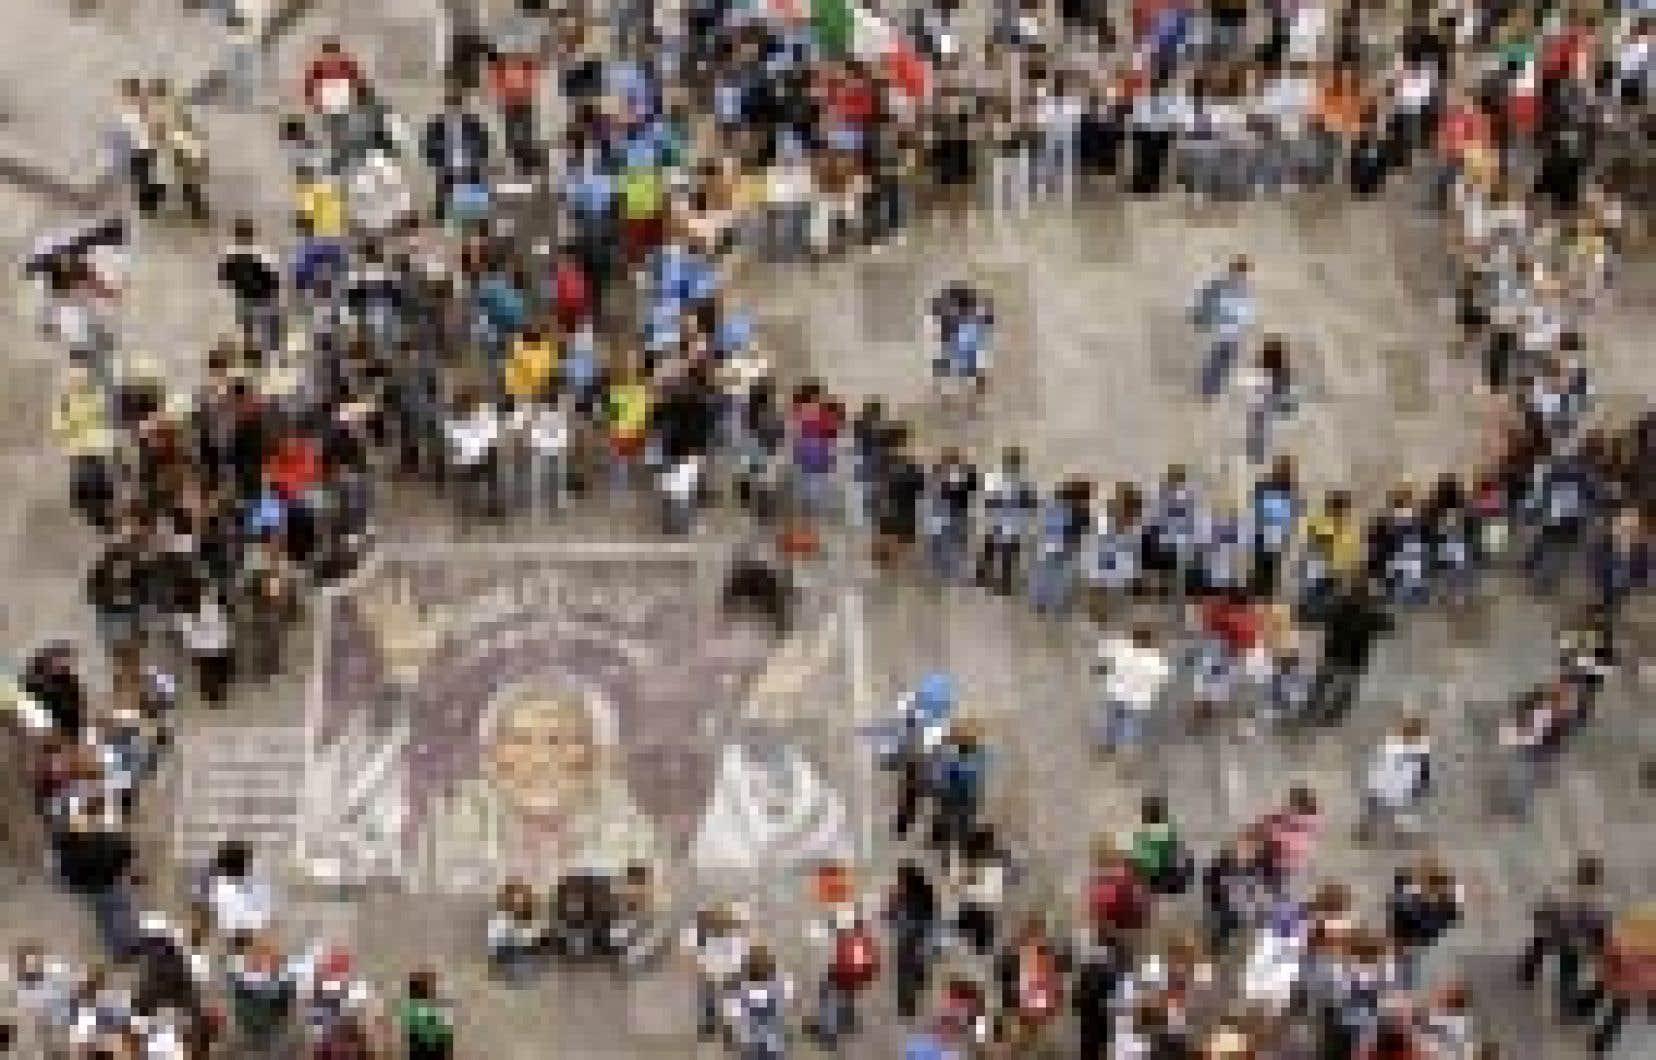 Un ciel gris et la bruine ont accueilli des milliers de jeunes catholiques du monde entier, hier, à leur arrivée à Cologne pour les Journées mondiales de la jeunesse (JMJ), mais l'ambiance était néanmoins à la fête et aux acclamations.